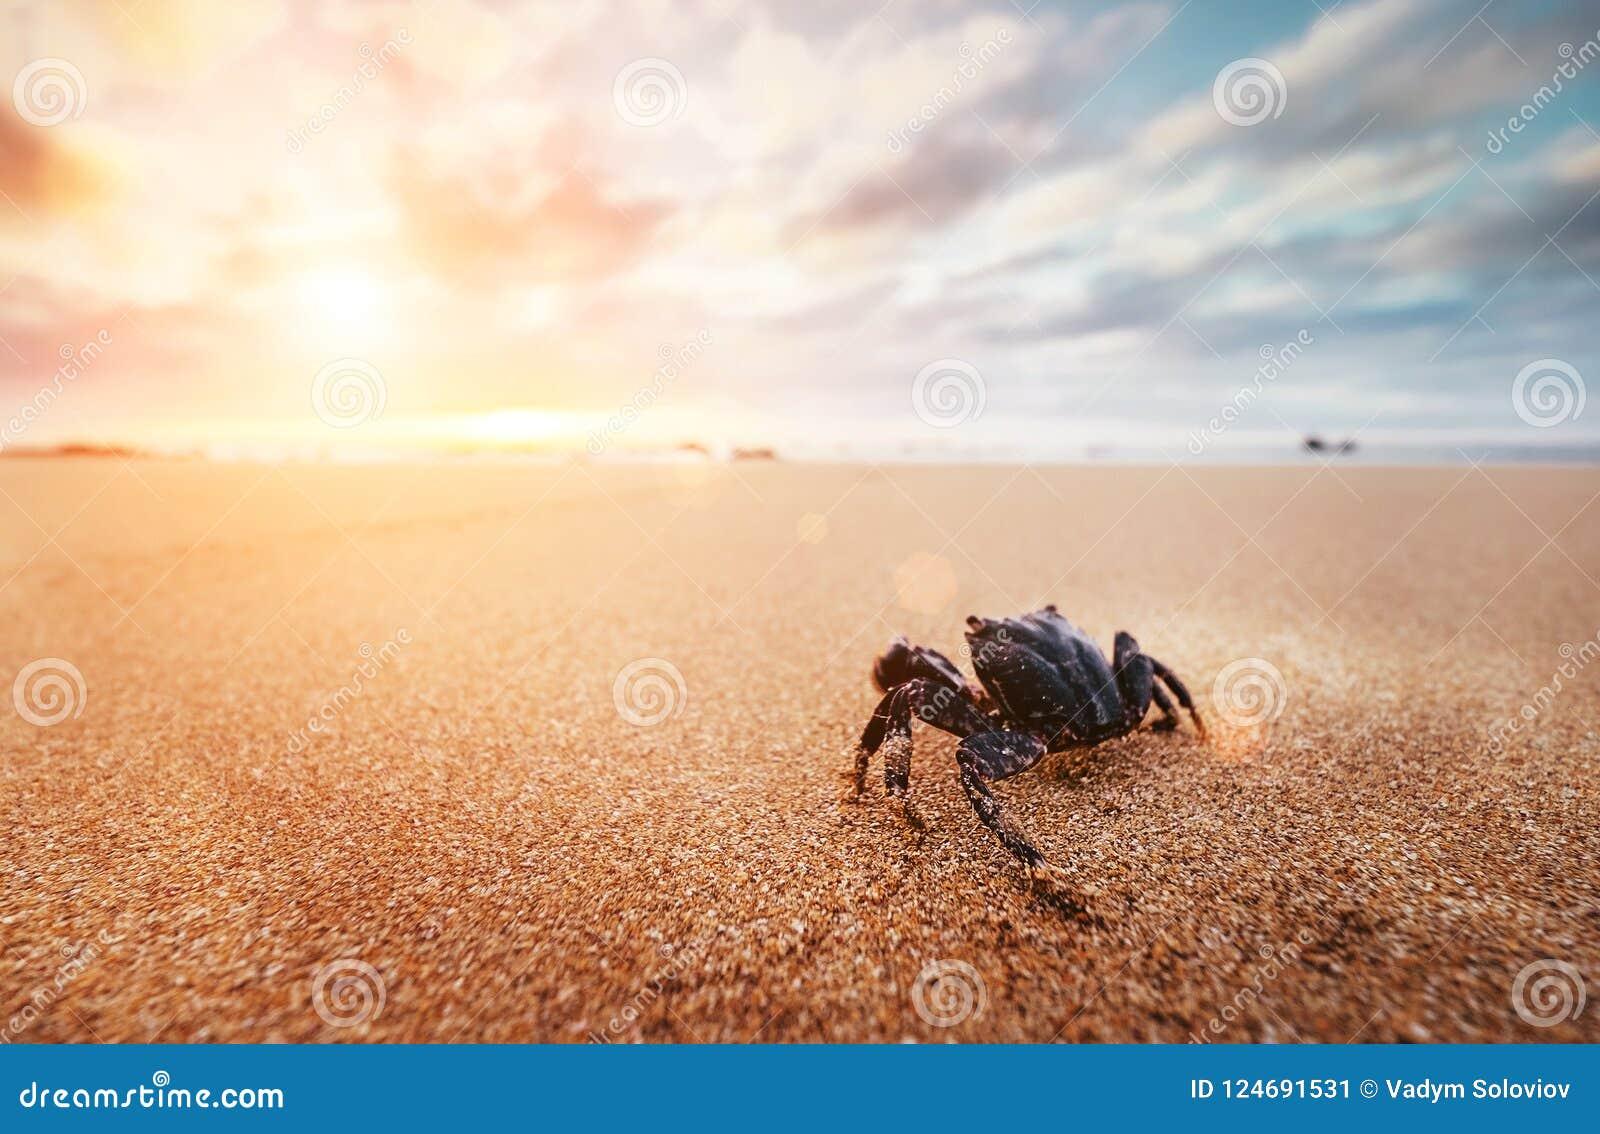 滑稽的螃蟹节肢动物在清早时间的日出看